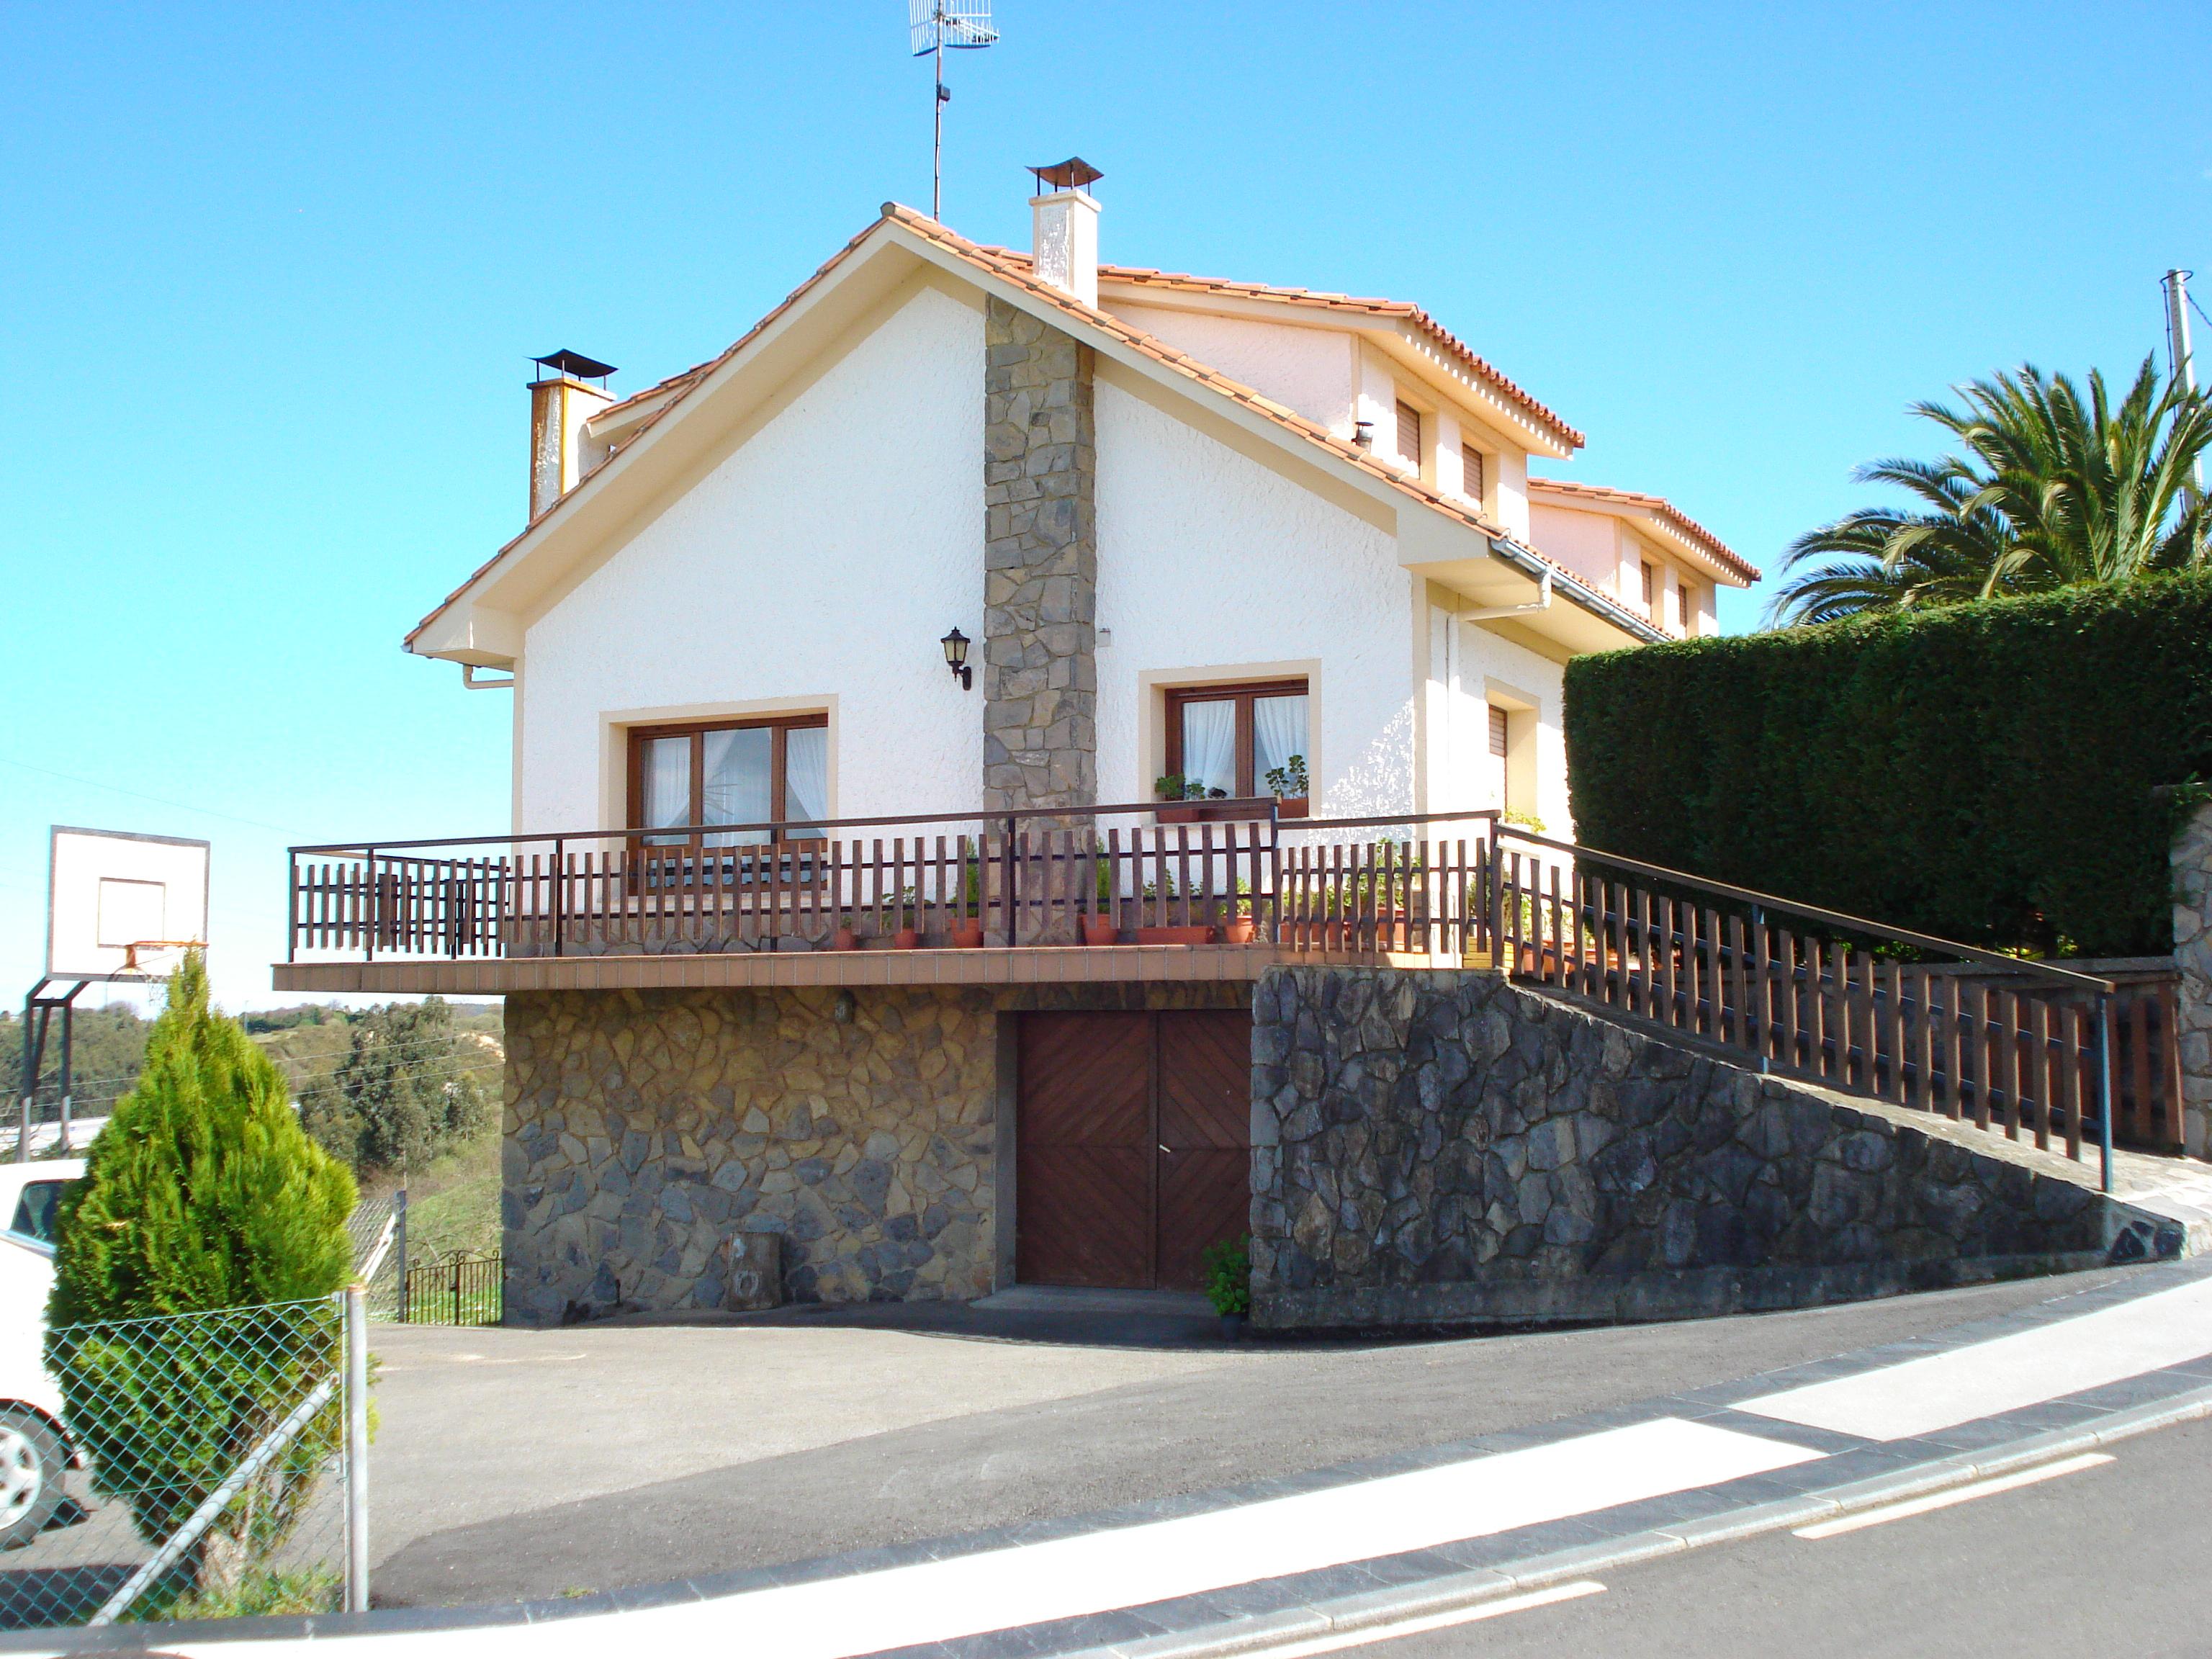 Venda casa de campo caravia asturias espanha cra la playa - Casa de campo asturias ...